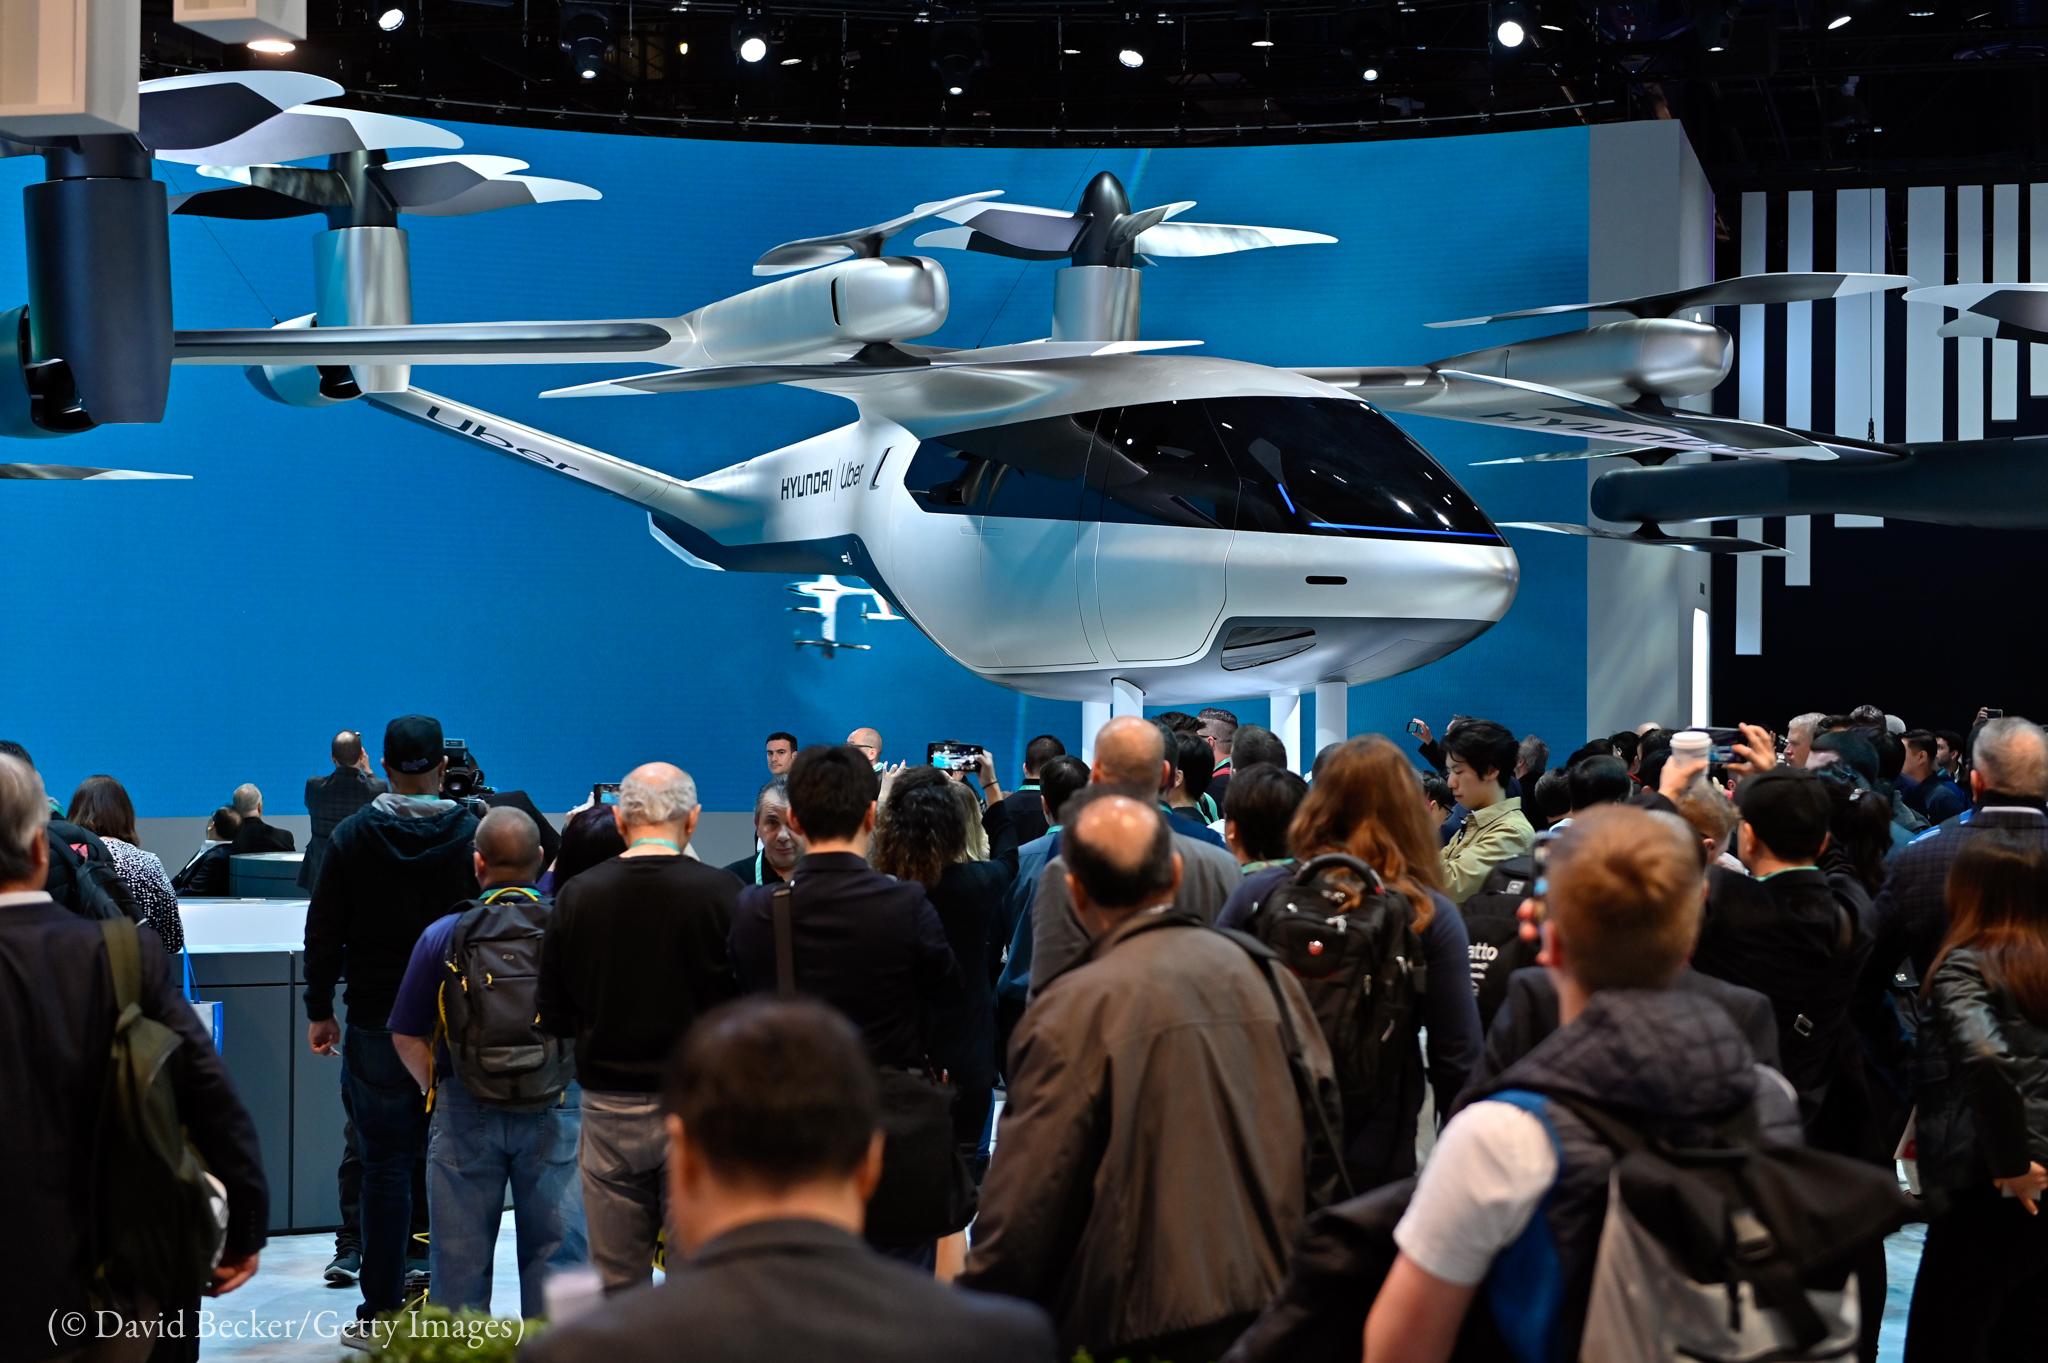 Helikopter dipajang di depan orang banyak (© David Becker/Getty Images)